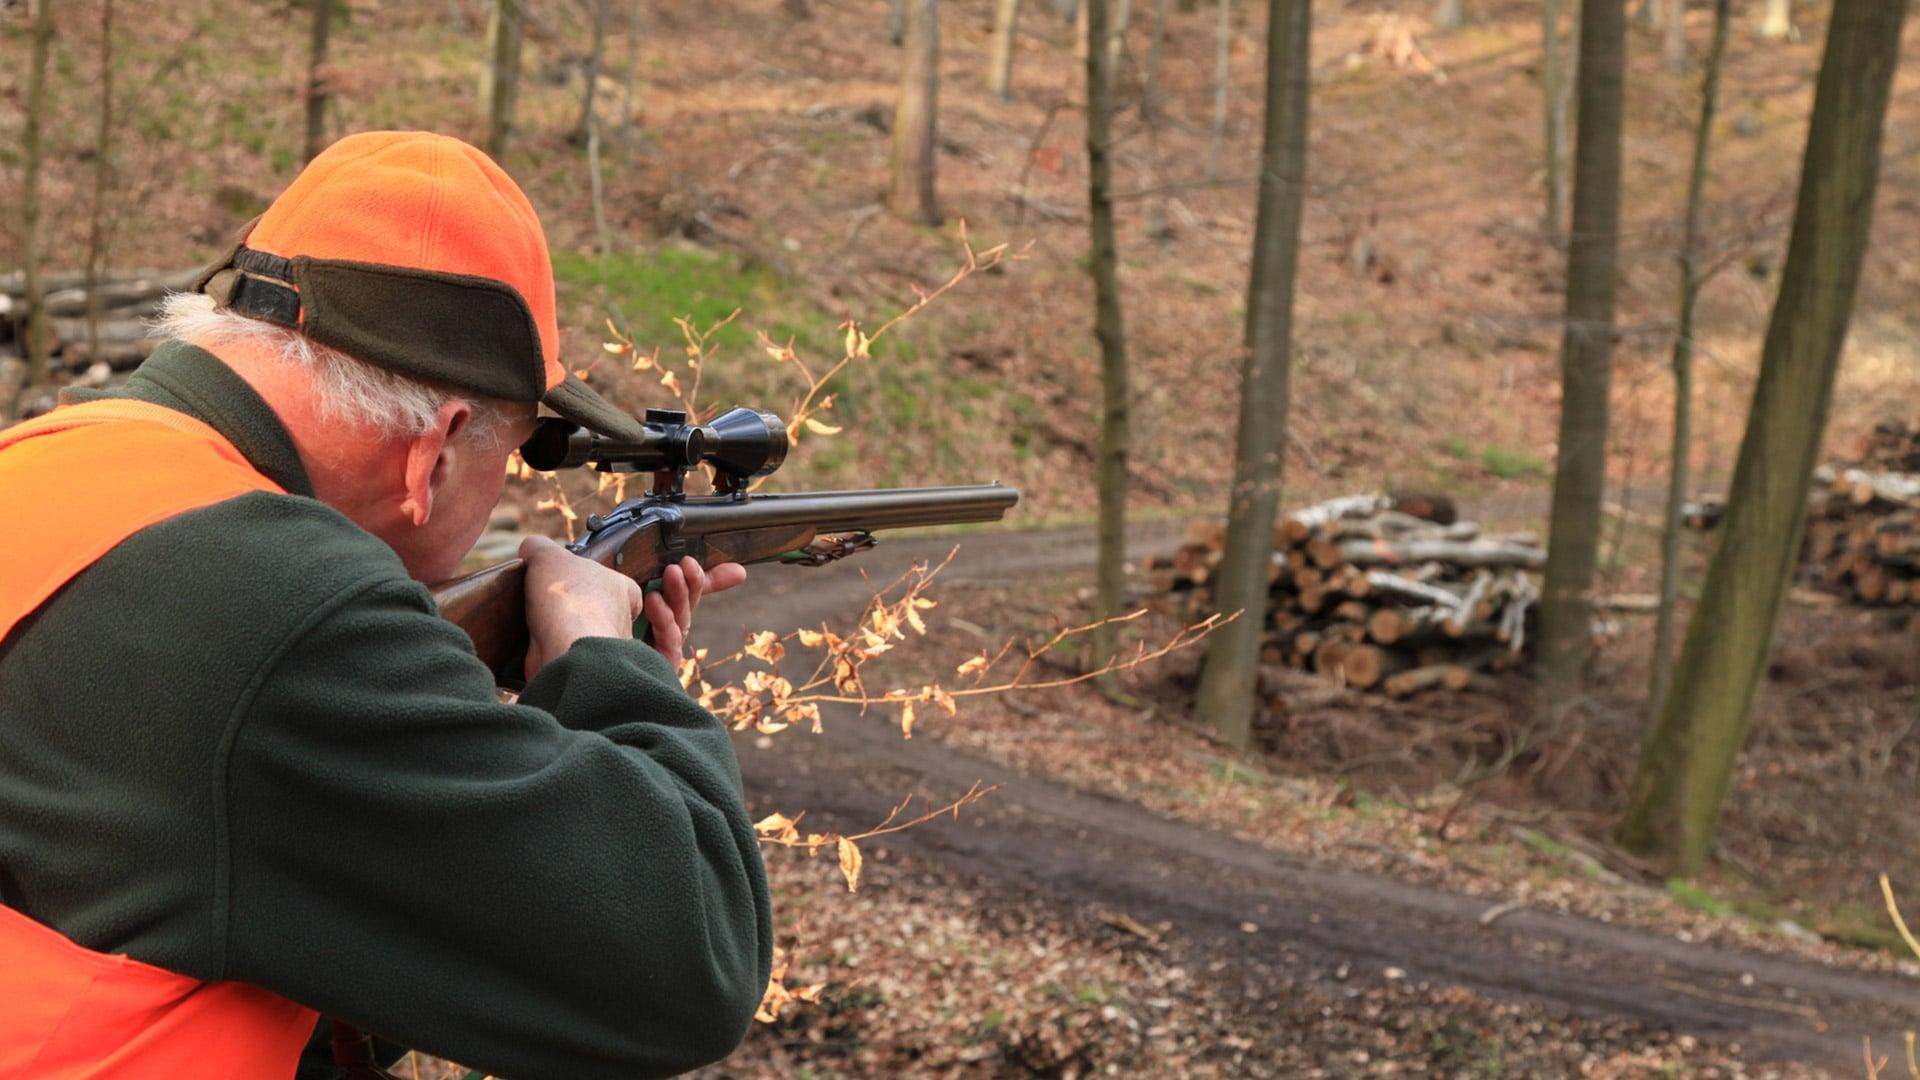 Jäger beim anvisieren im Wald